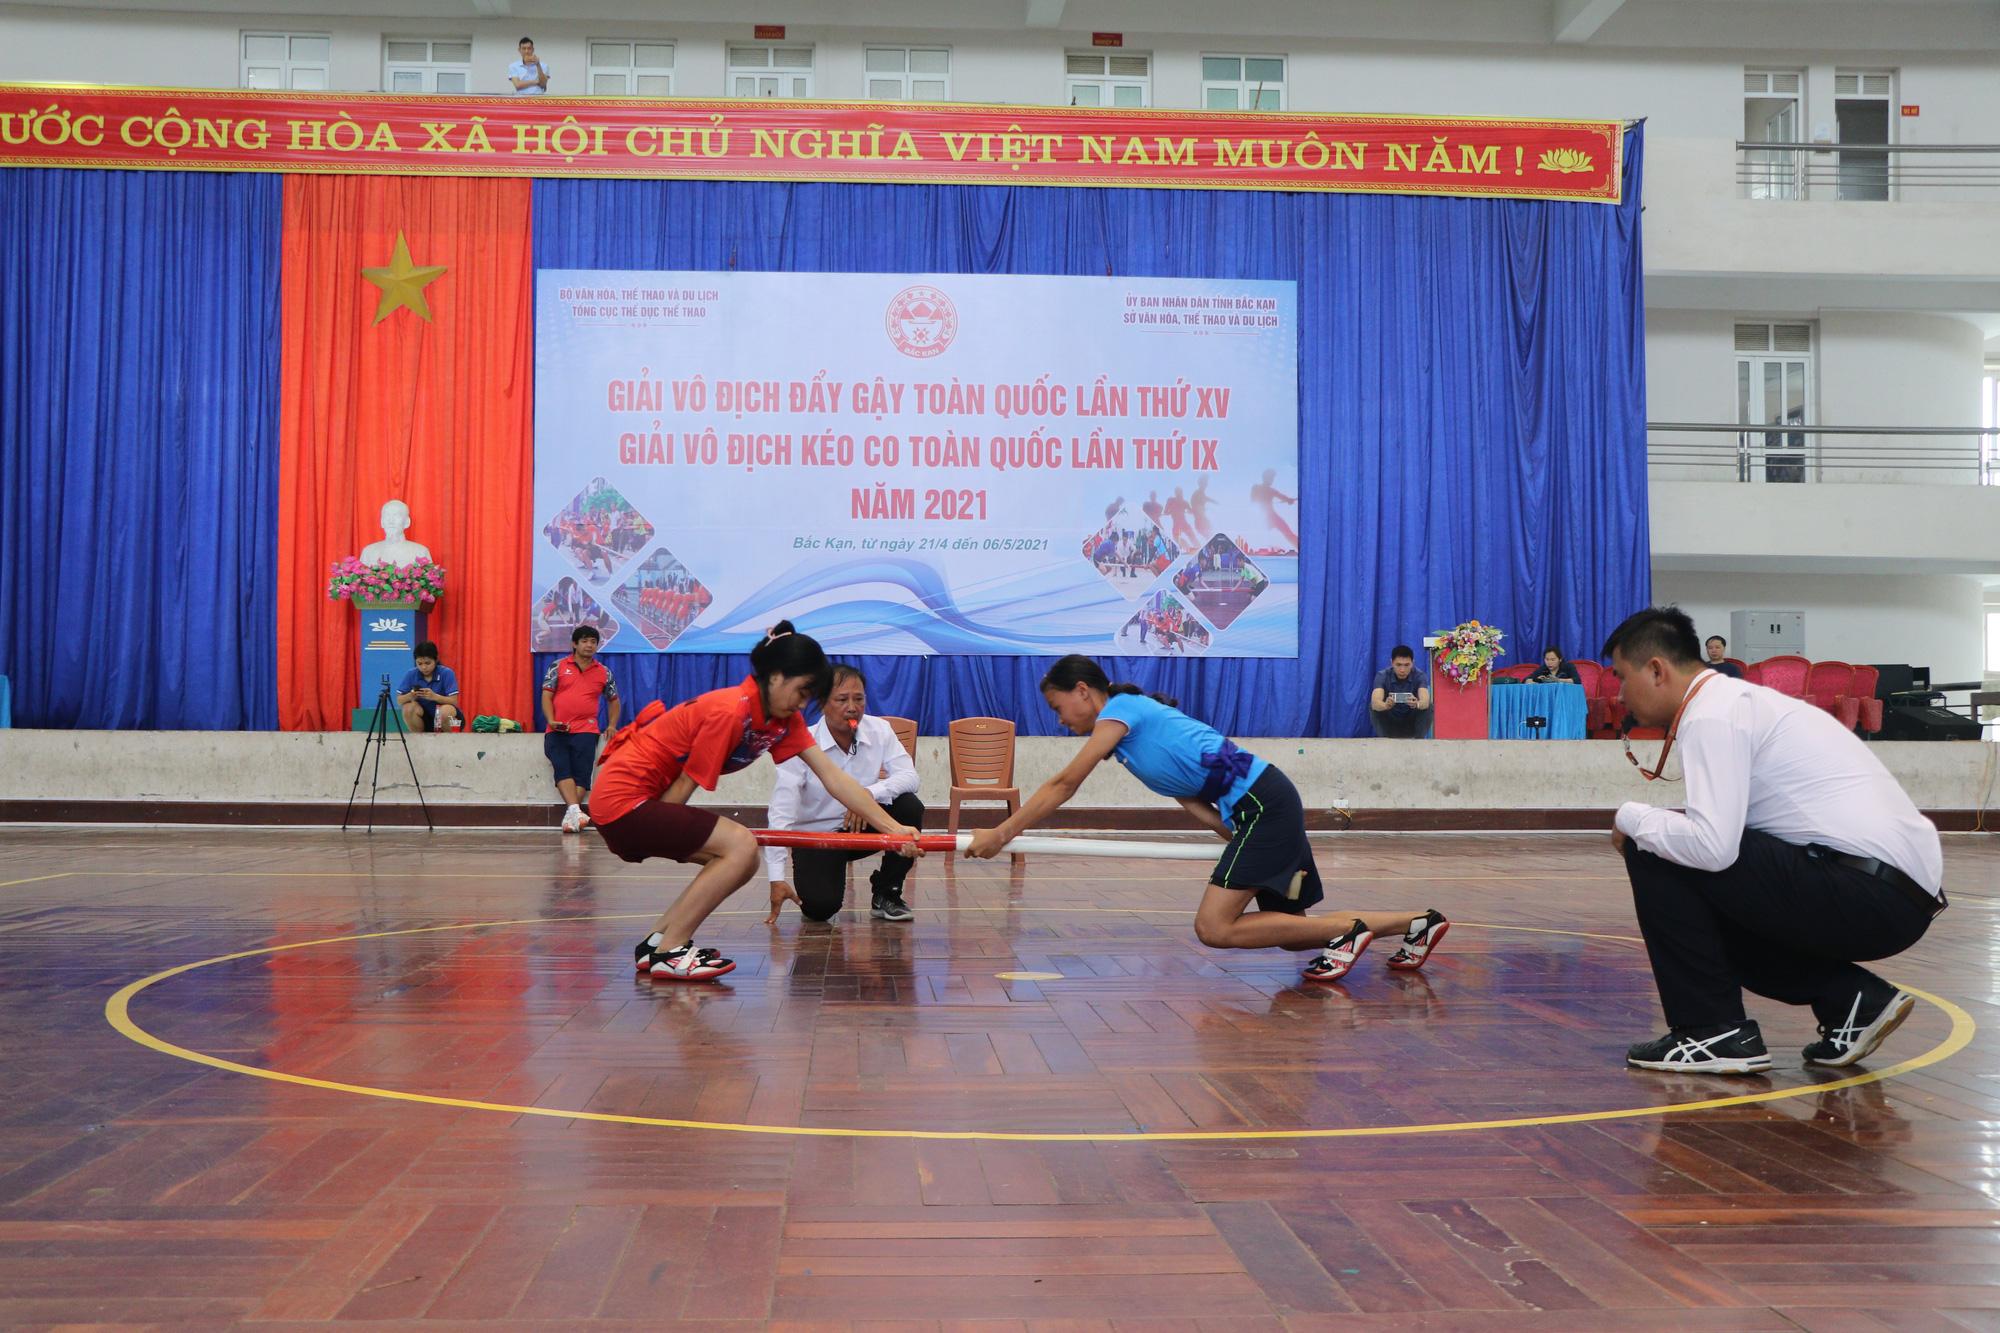 Bắc Kạn khai mạc giải vô địch Đẩy gậy và Kéo co toàn quốc - Ảnh 2.